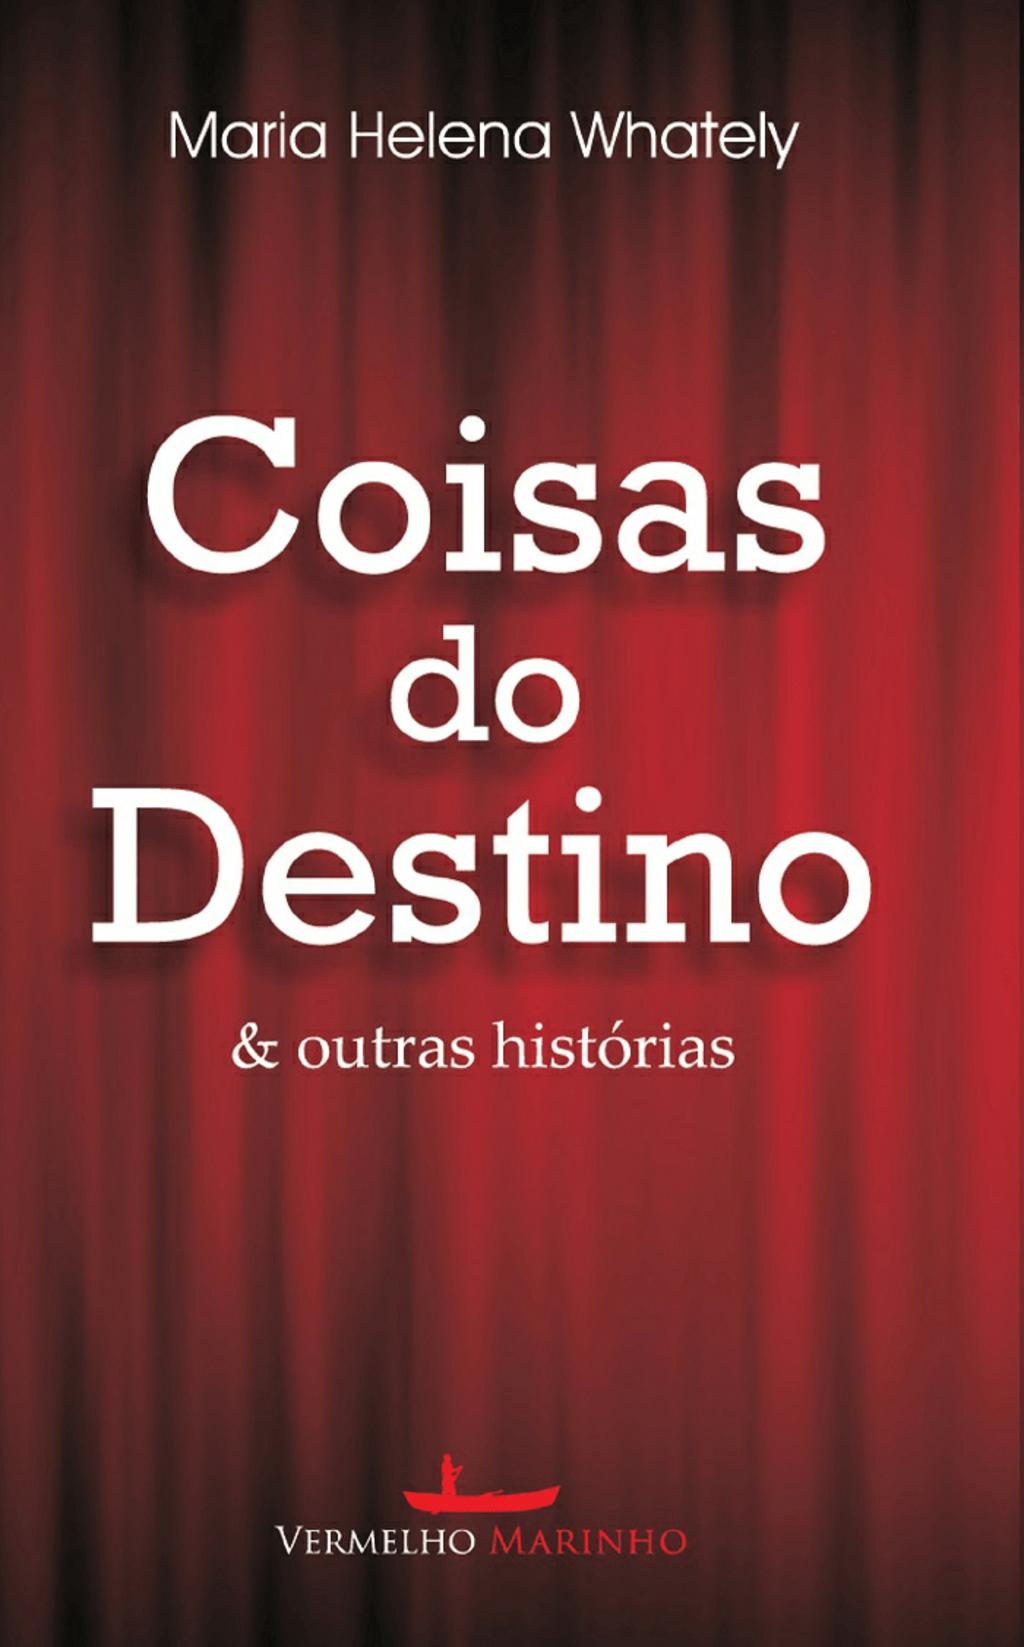 Coisas do destino & outras histórias